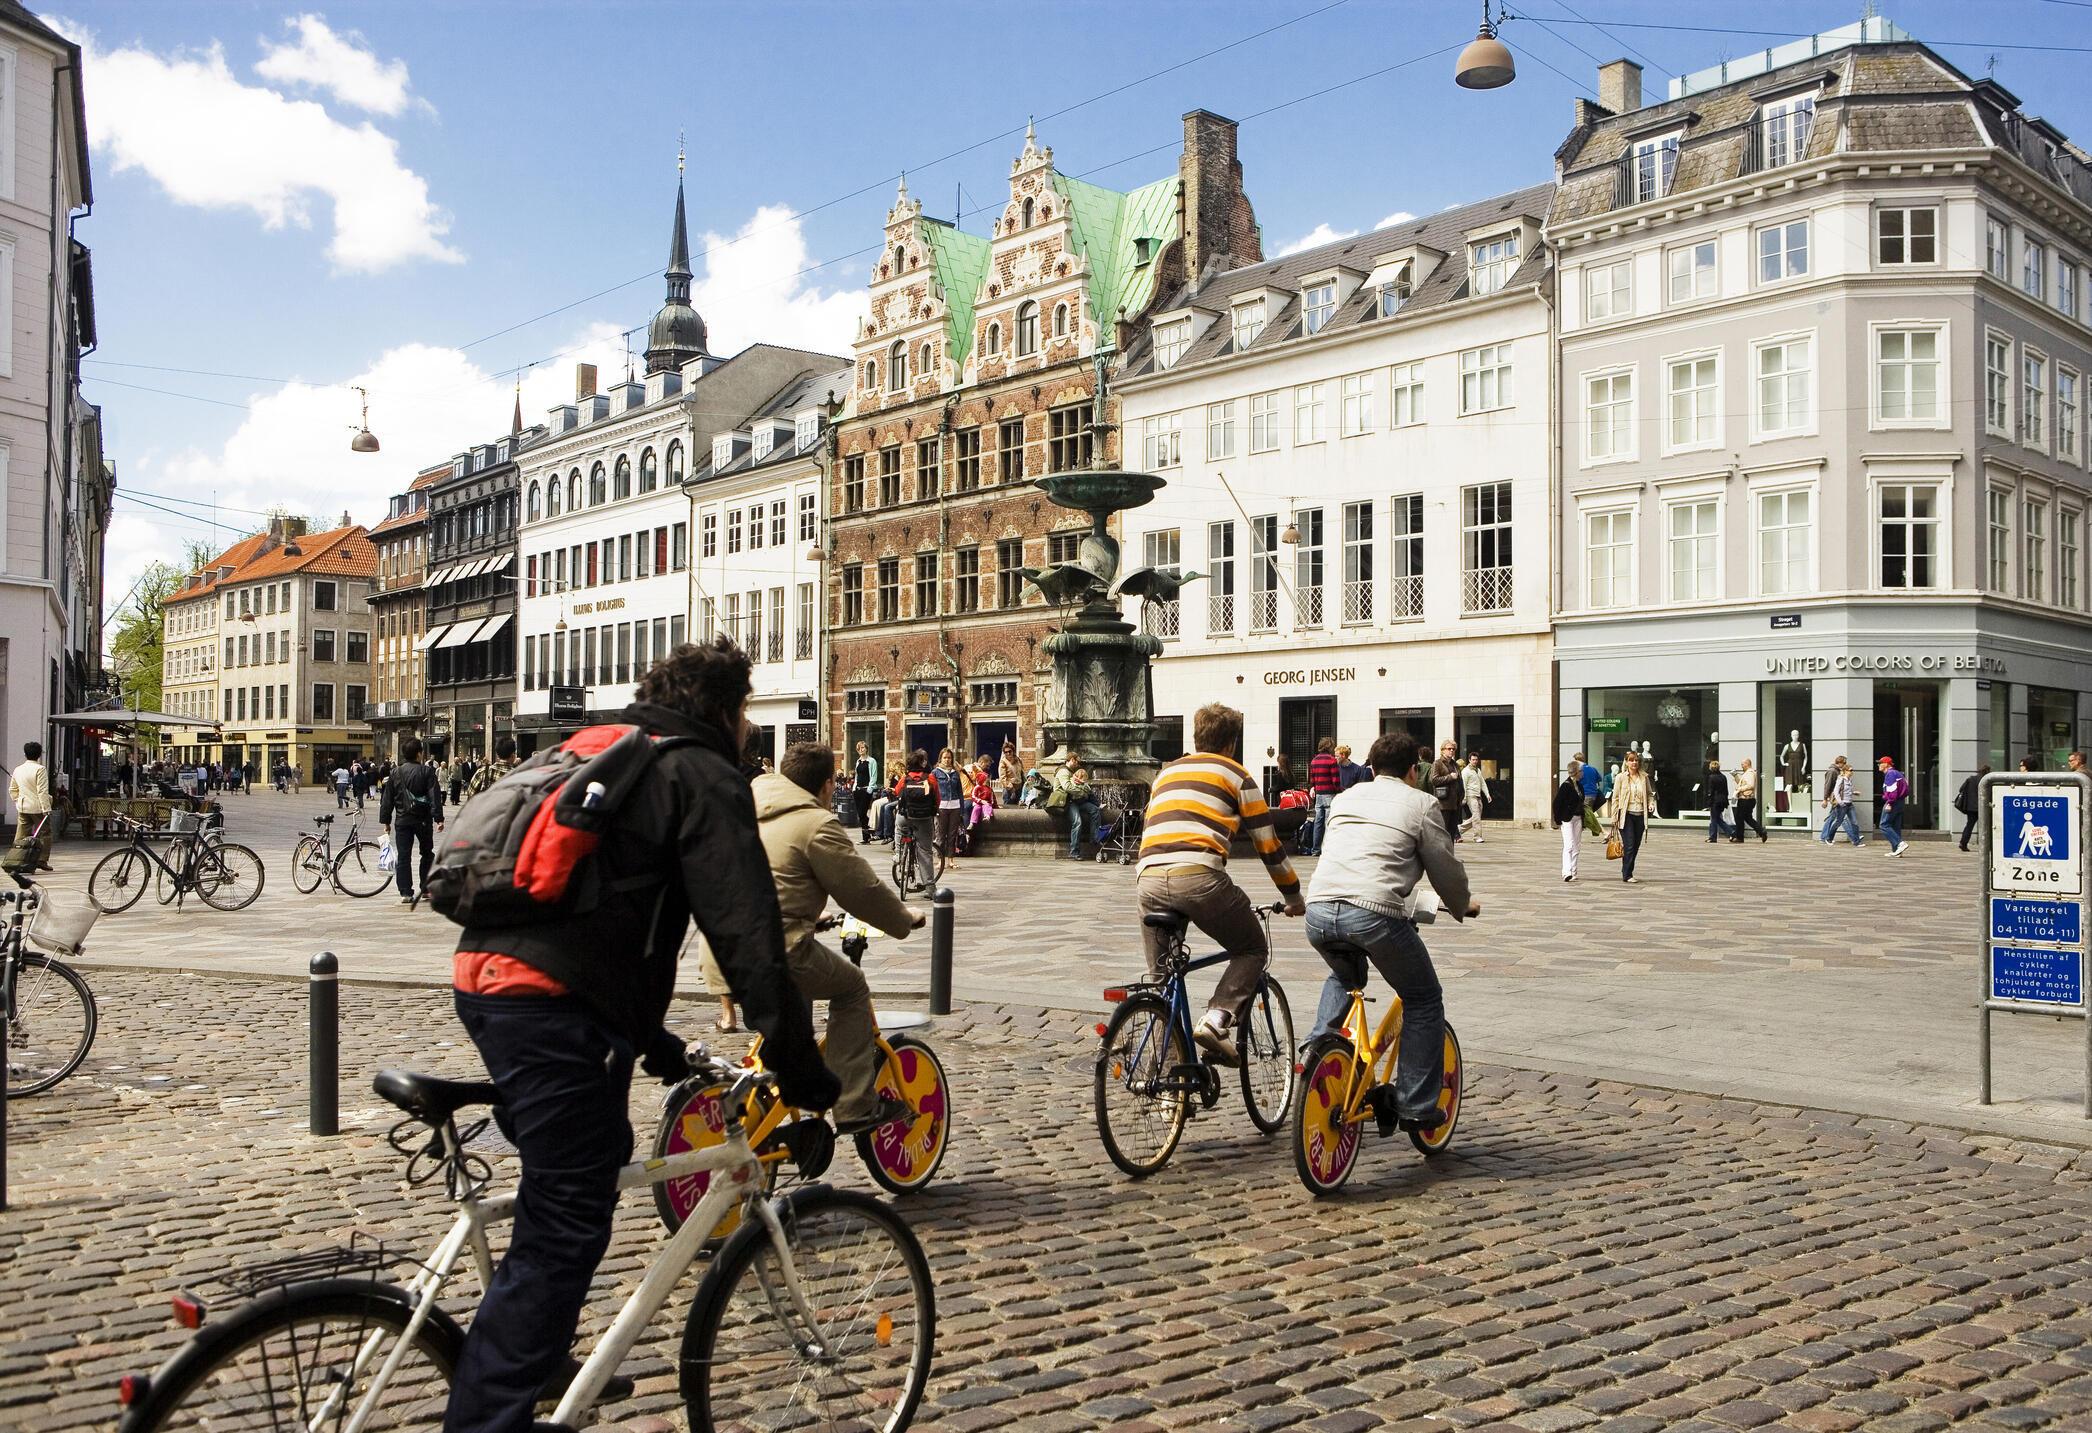 ទីក្រុង Copenhague ប្រទេសដាណឺម៉ាក